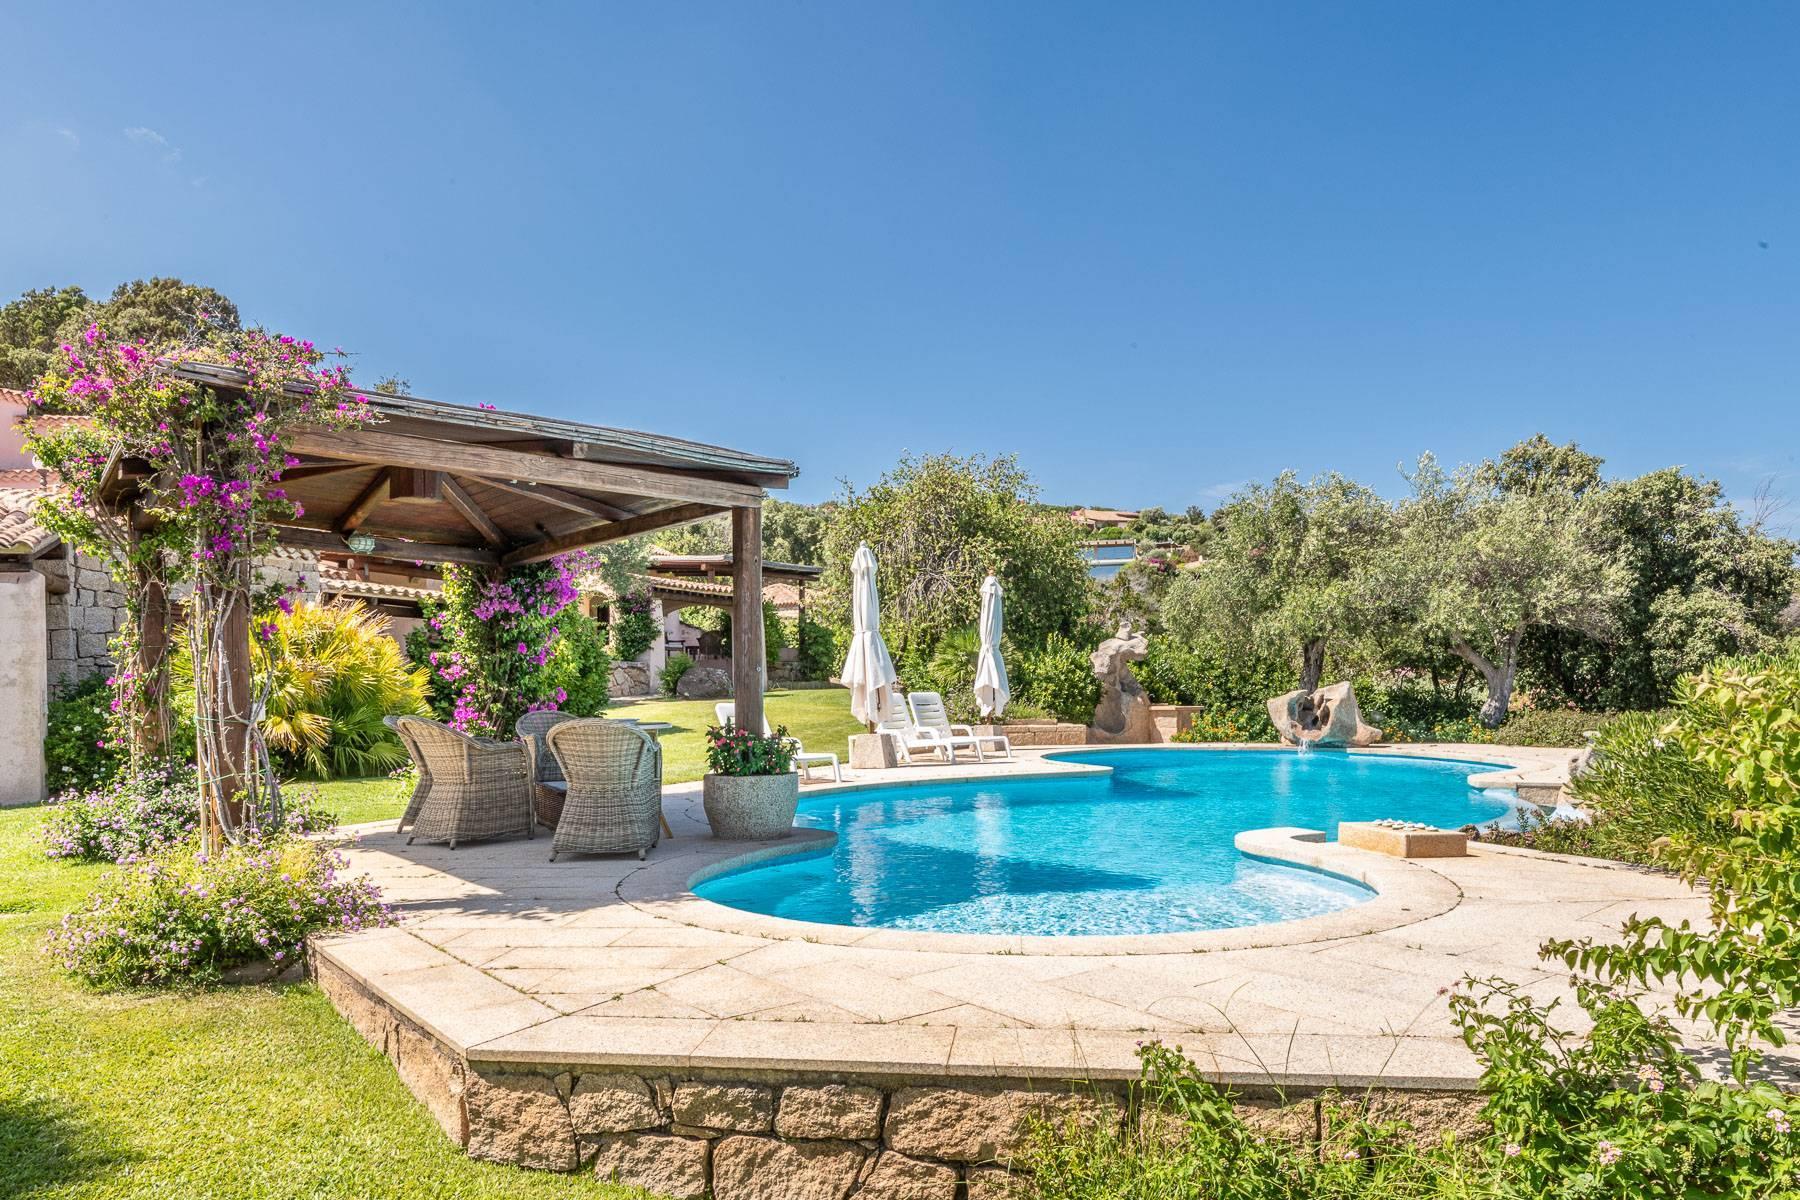 Bellissima villa indipendente con piscina a pochi passi dal Golf Club e Cala di Volpe - 5